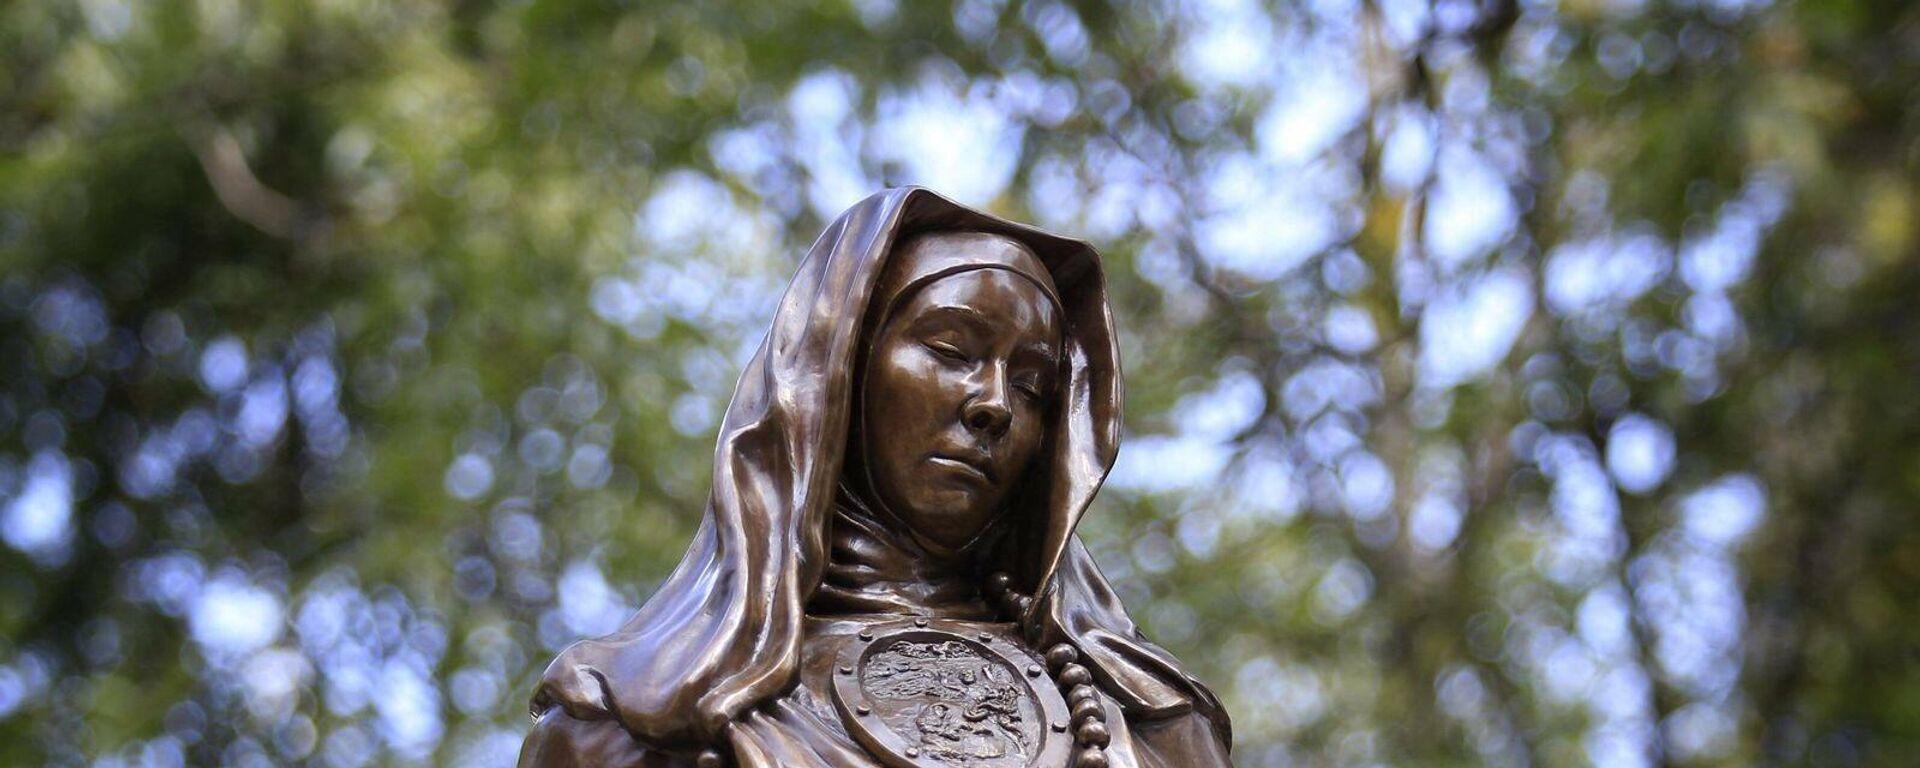 Sor Juana Inés de la Cruz, escultura - Sputnik Mundo, 1920, 29.09.2021